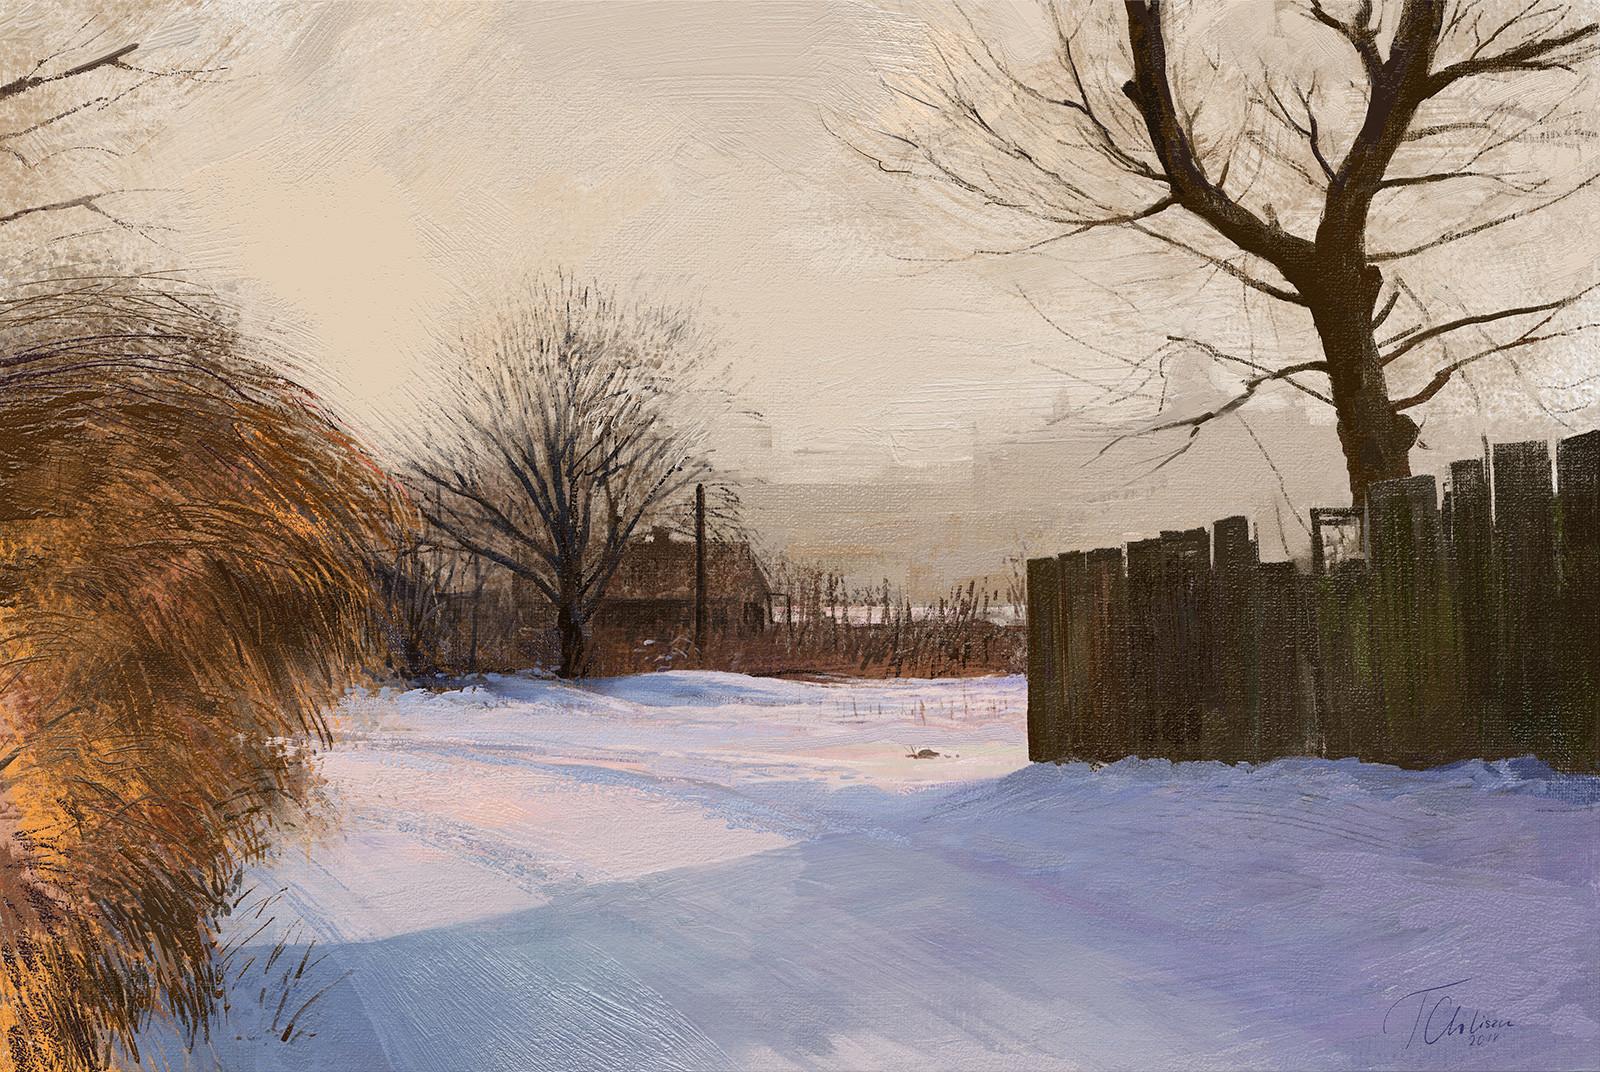 Tymoteusz chliszcz landscape78 by chliszcz